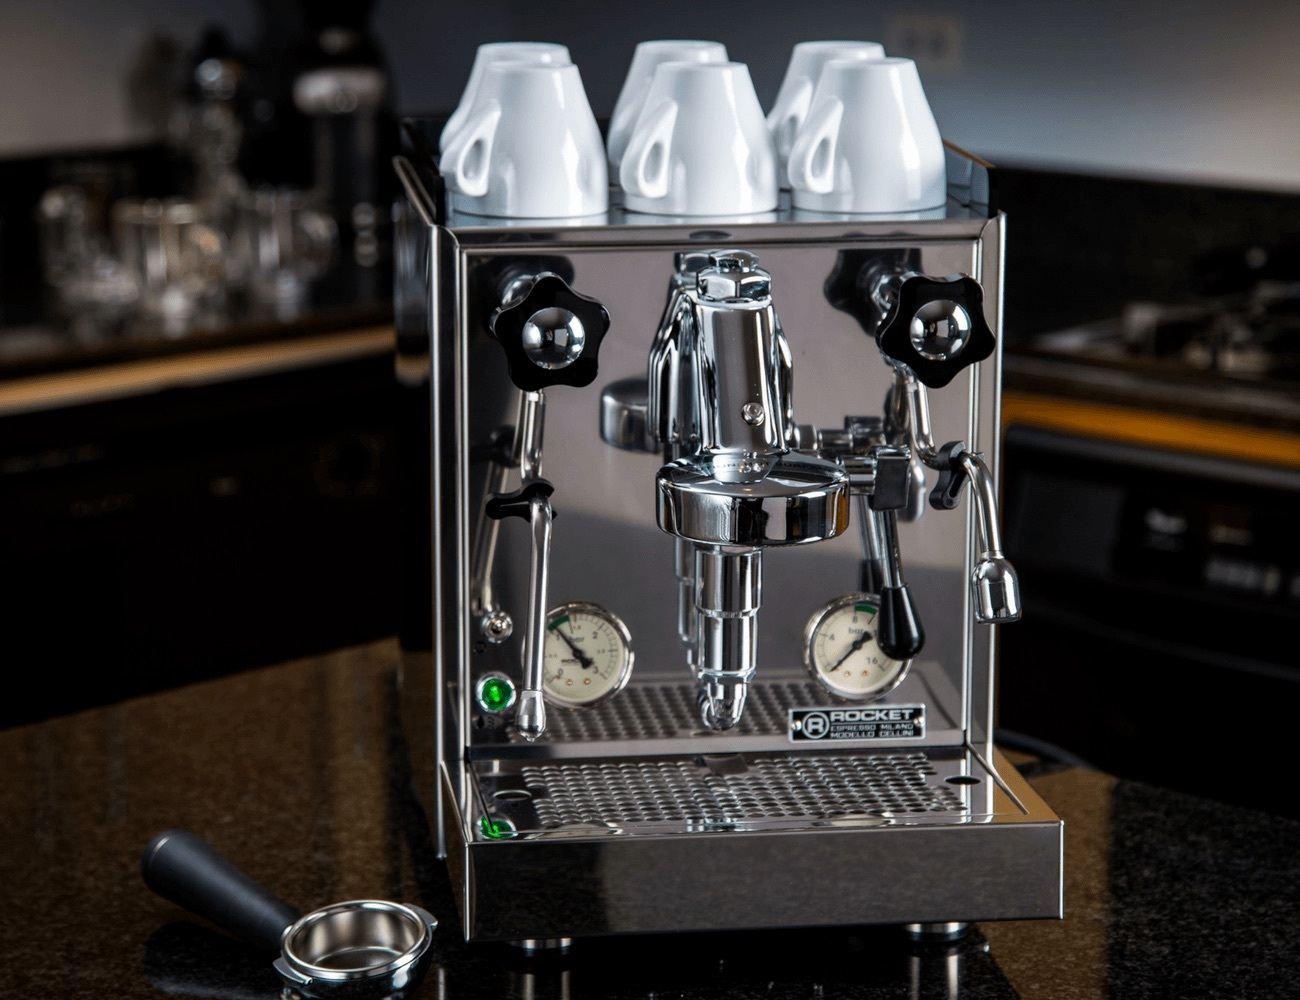 Rocket Cellini Premium Plus Espresso Machine